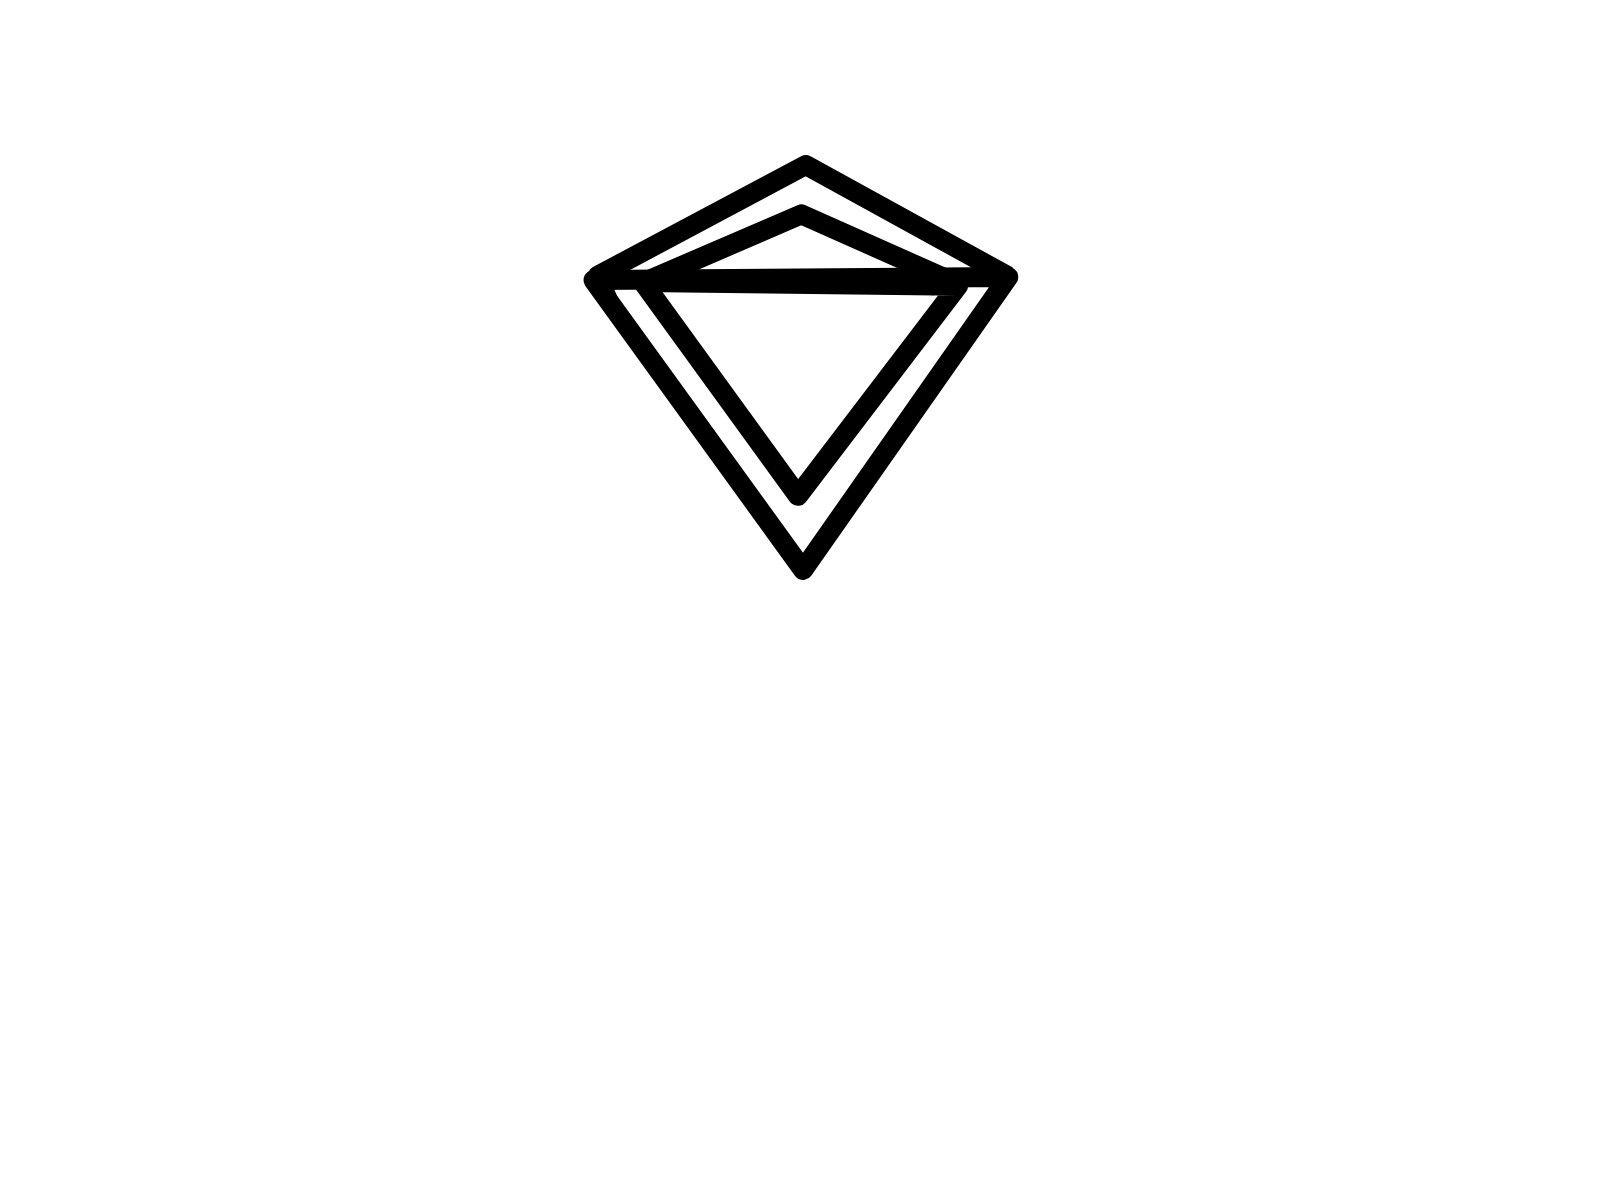 Golo Pics Art Eidting In 2020 Triangle Tattoo Picsart Tattoos